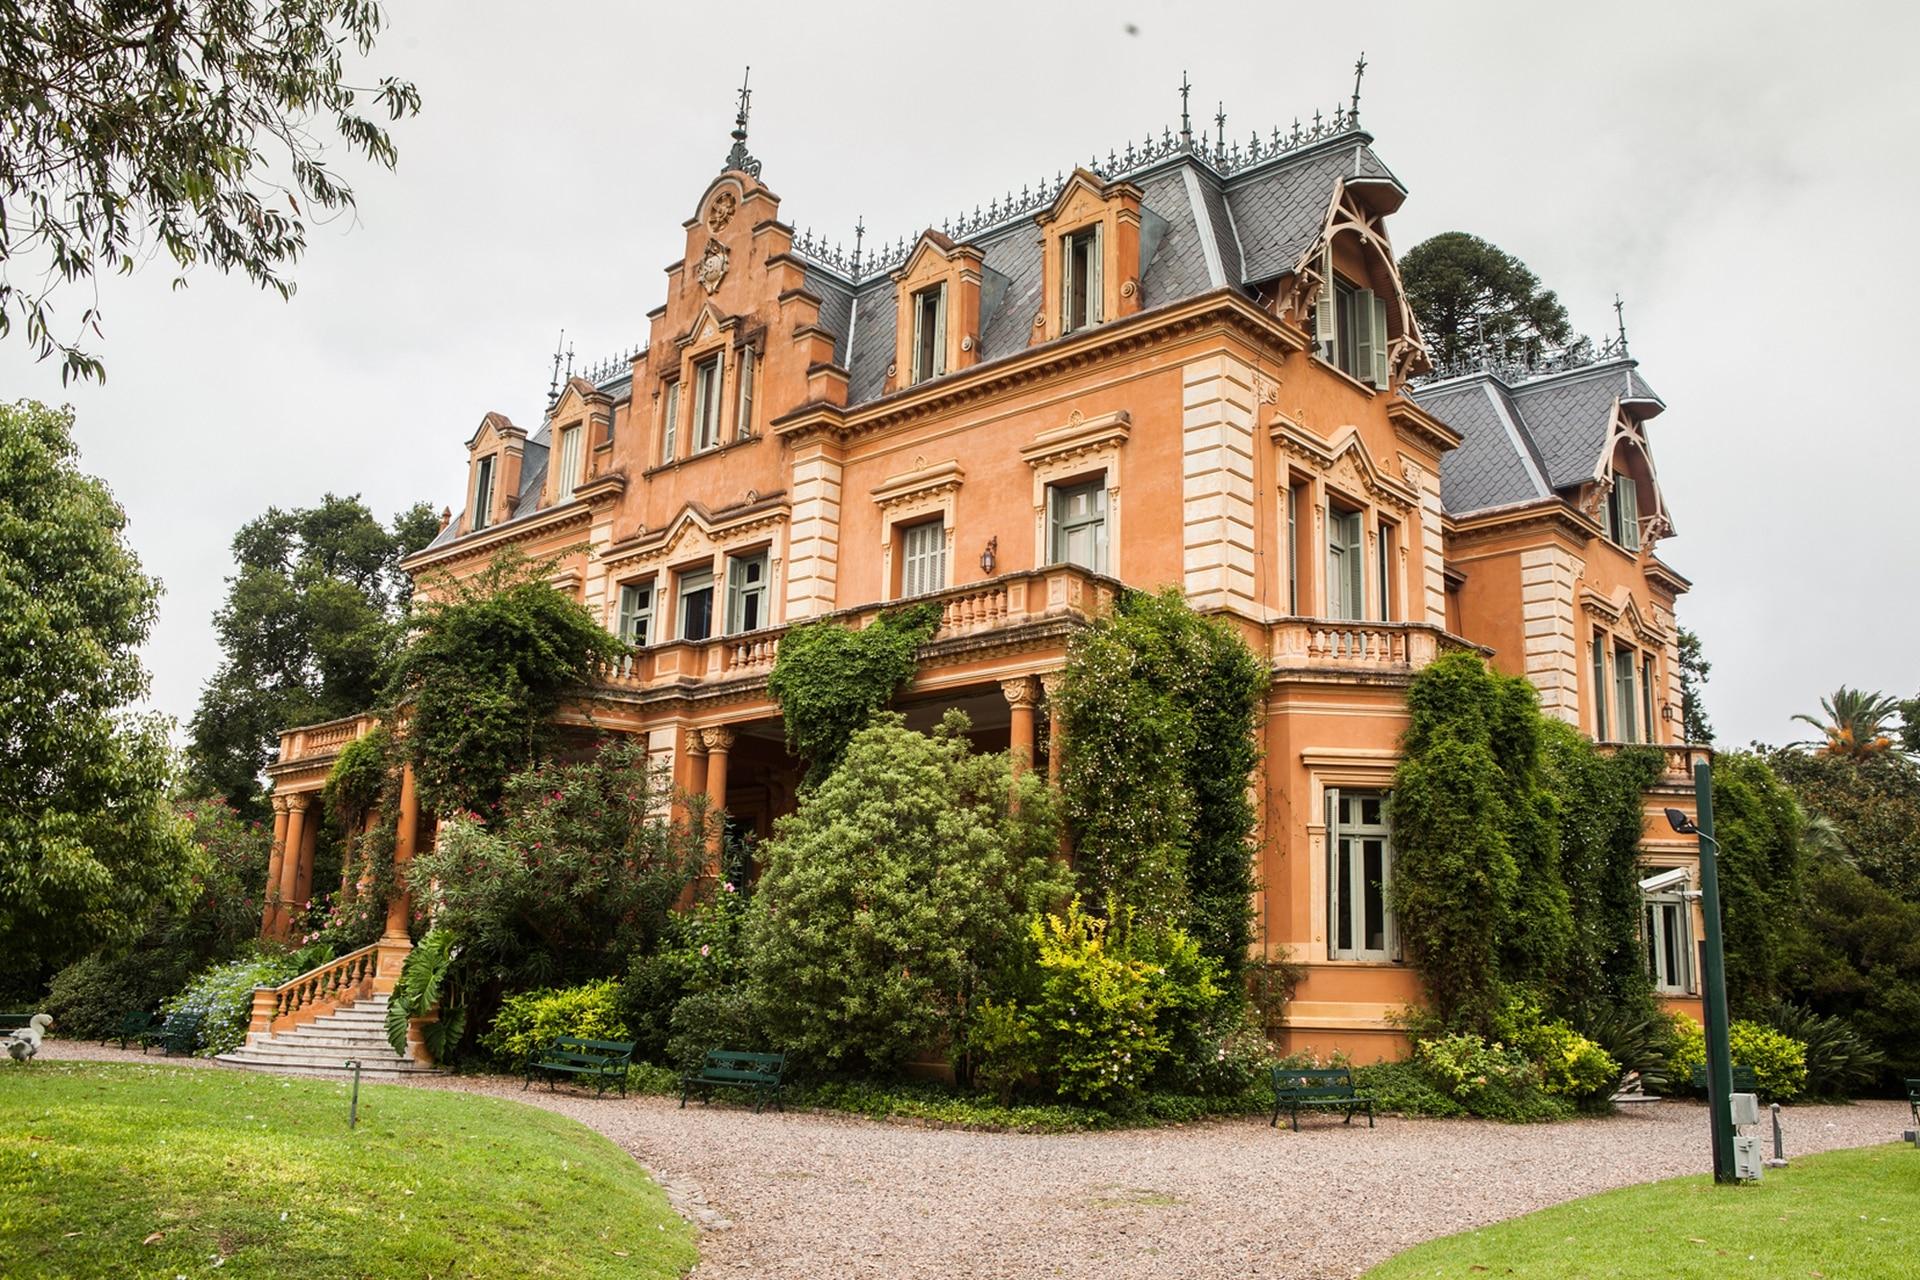 Construida en 1891 por el padre de Victoria, el ingeniero Manuel Ocampo, esta casa fue pensada para pasar de noviembre a marzo. Cuando Béccar quedaba muy lejos del centro de la ciudad.